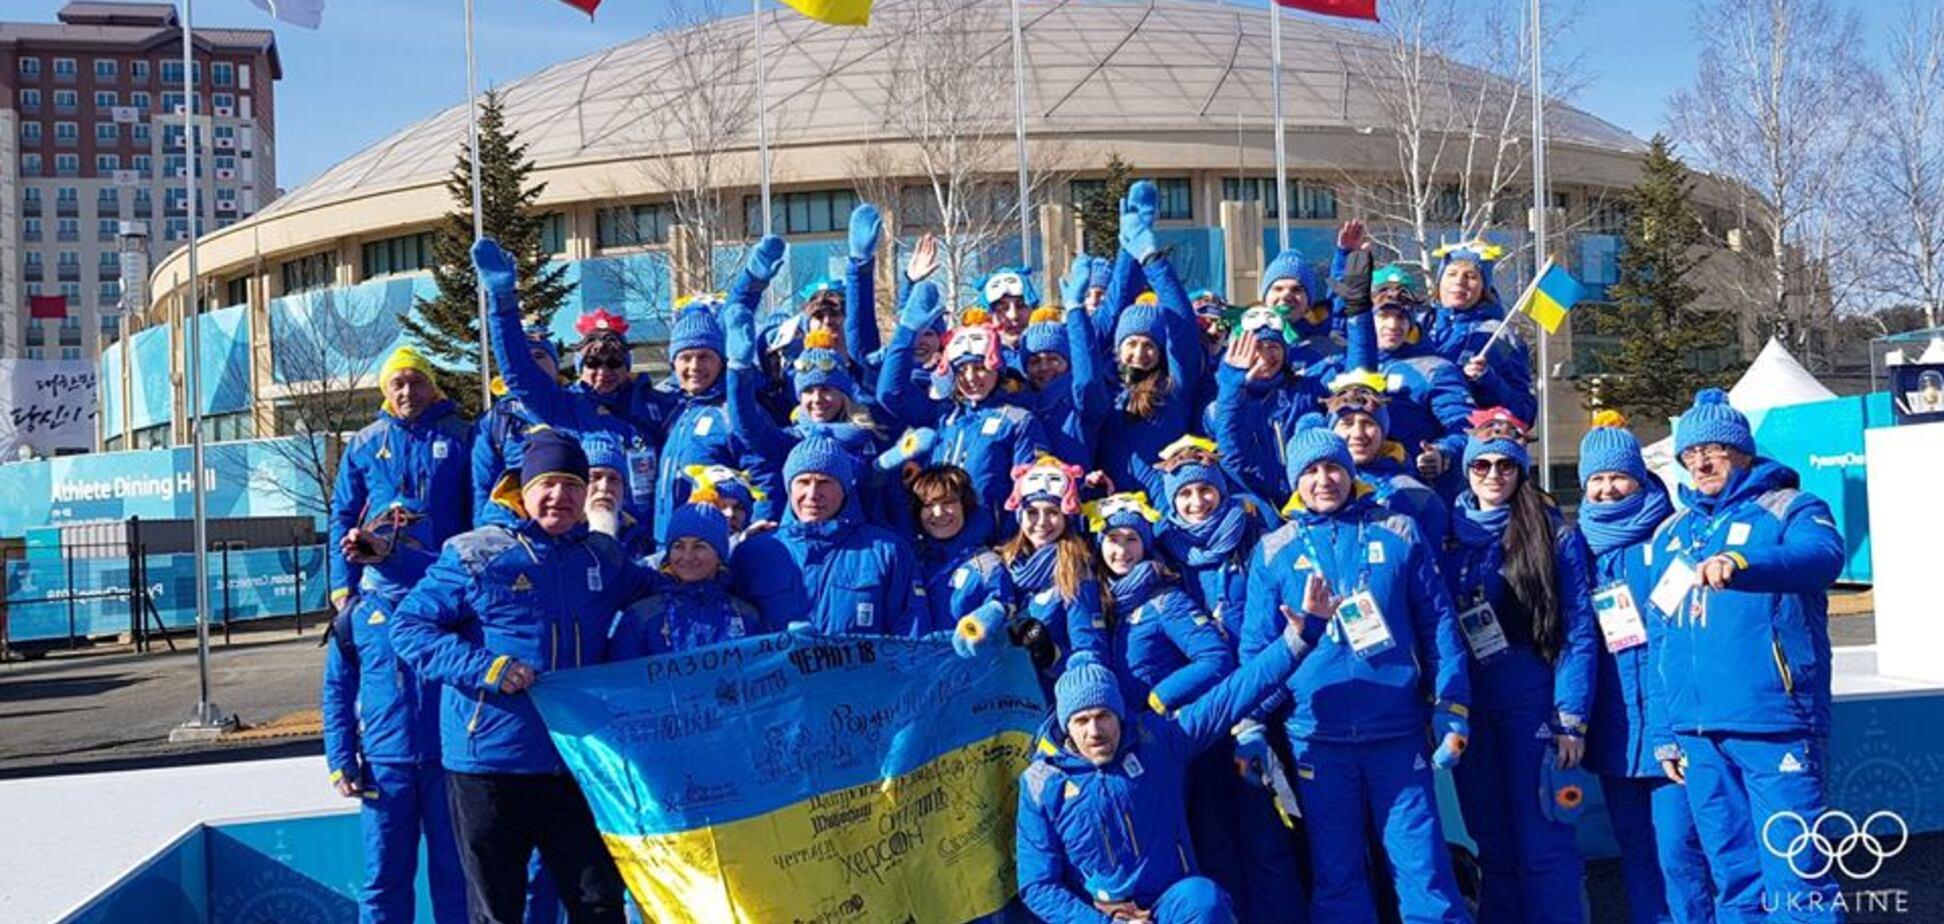 Олімпіада-2018: в Пхенчхані урочисто виконали гімн і підняли прапор України - яскраві кадри